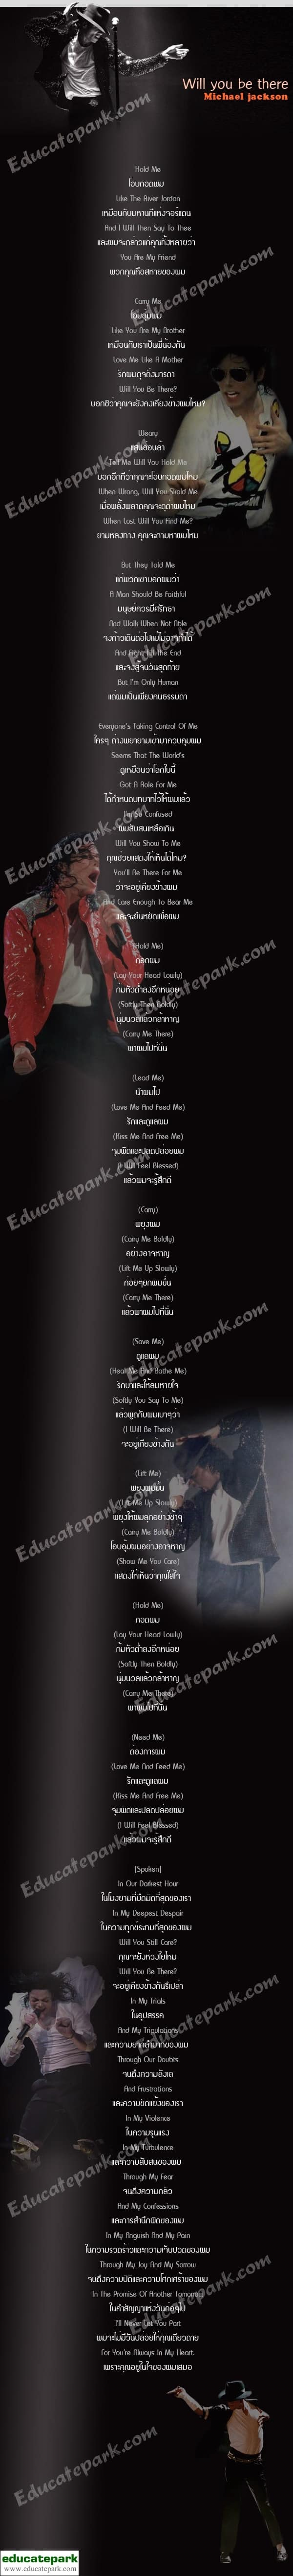 แปลเพลง Will You Be There - Michael Jackson